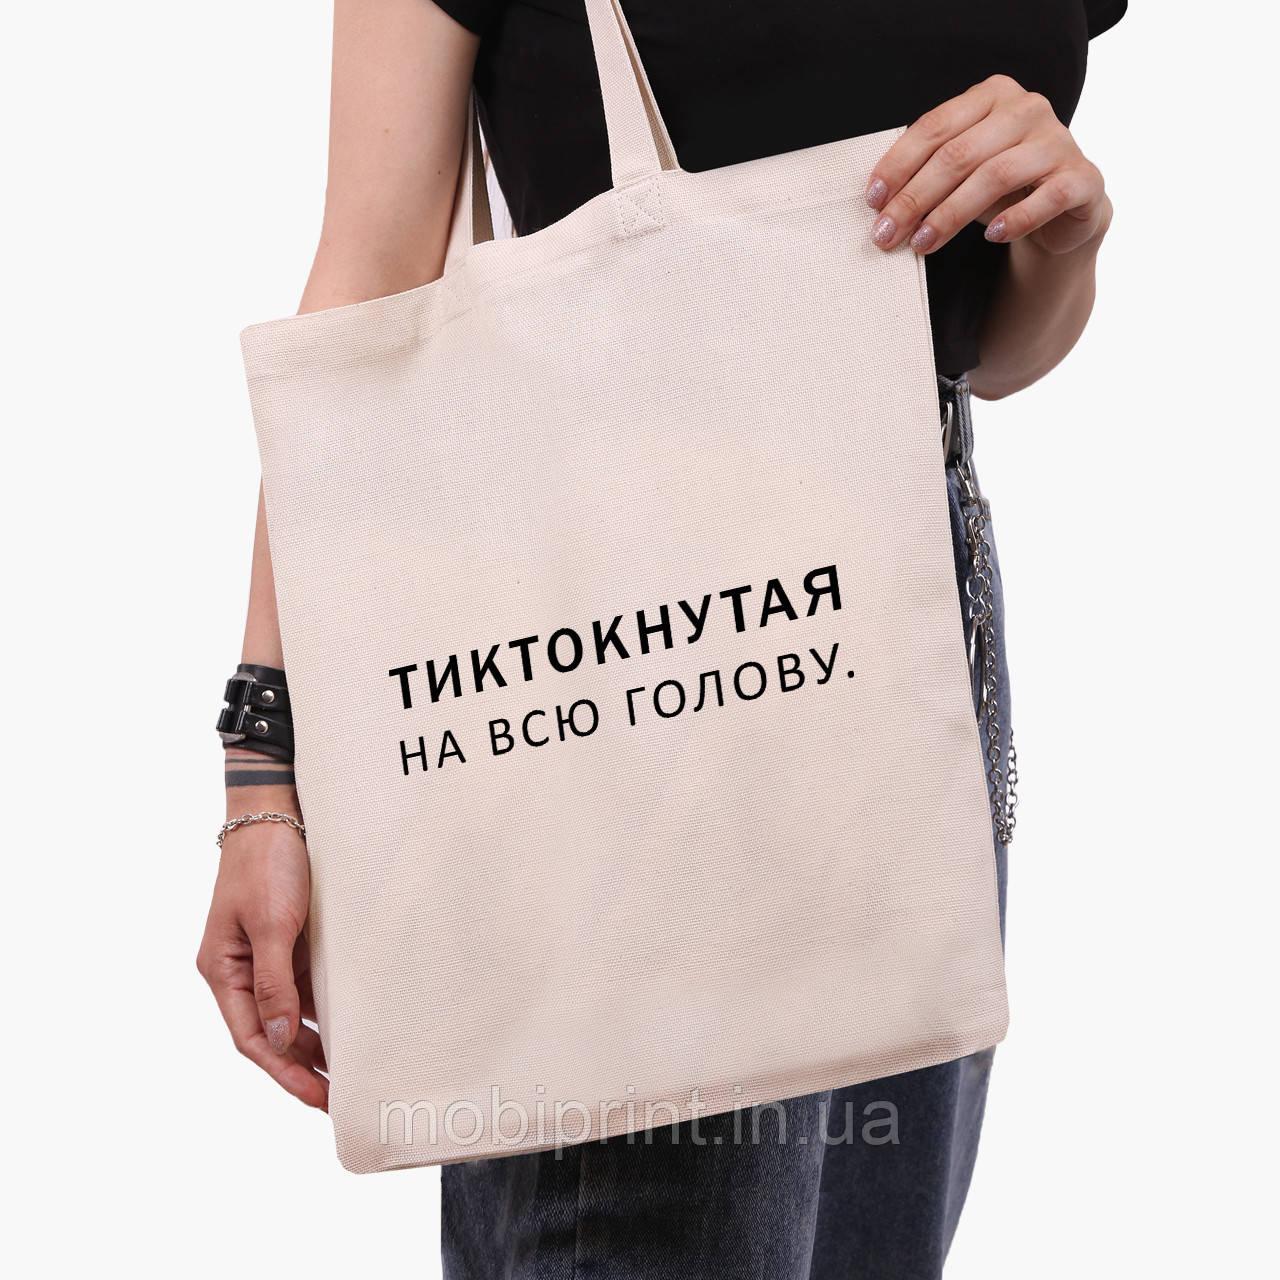 Еко сумка шоппер Тиктокнутая (9227-1793) екосумка шопер 41*35 см